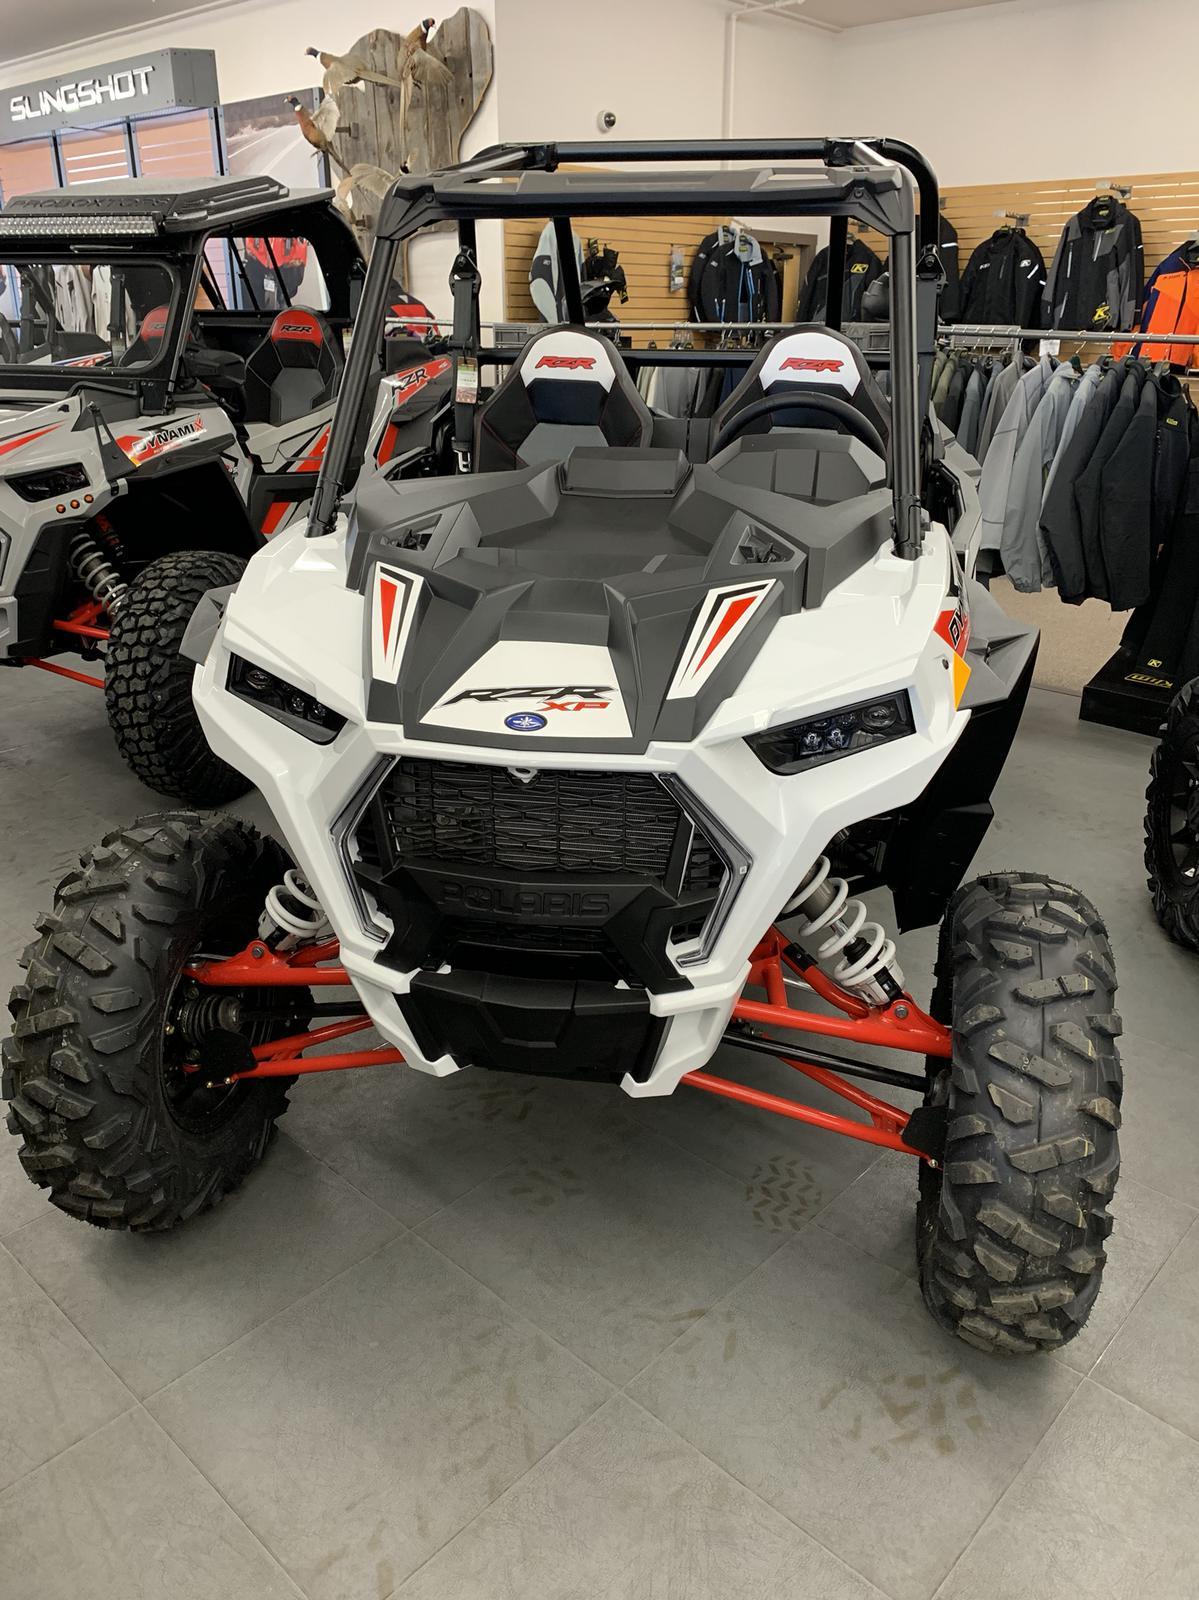 2019 Polaris Industries RZR XP® 1000 DYNAMIX - White